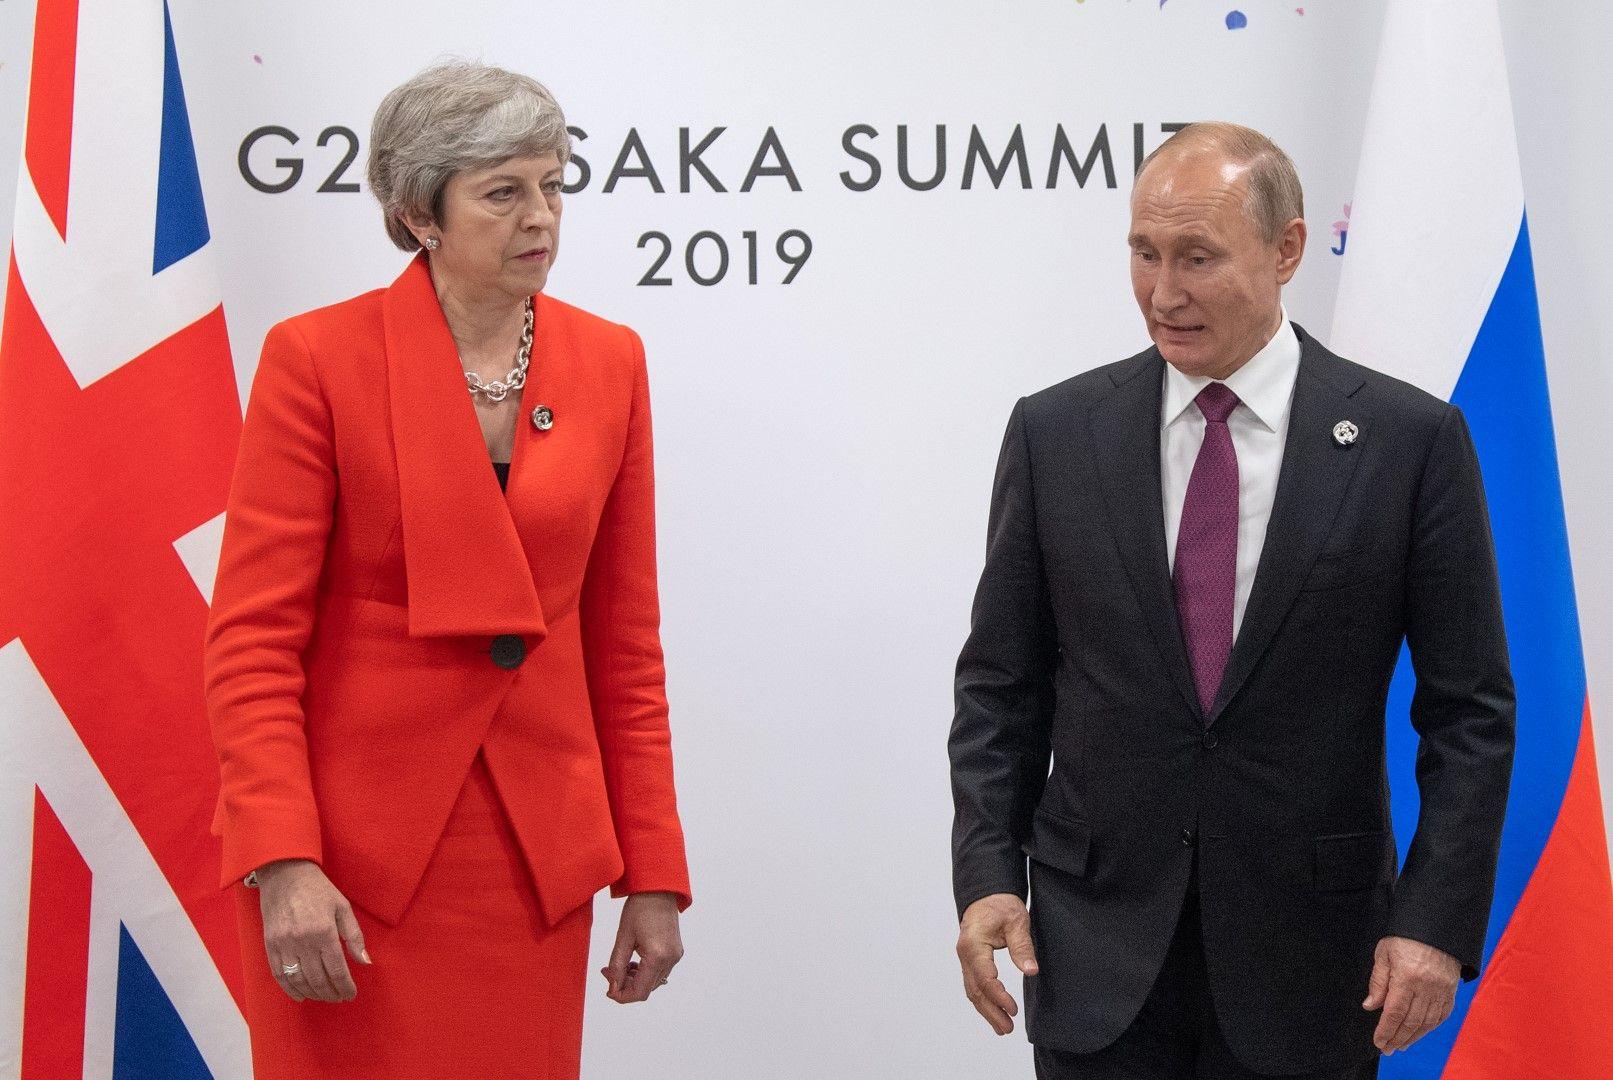 Тереза Мей на хладна среща с Владимир Путин по време на форума на Г-20 в Осака